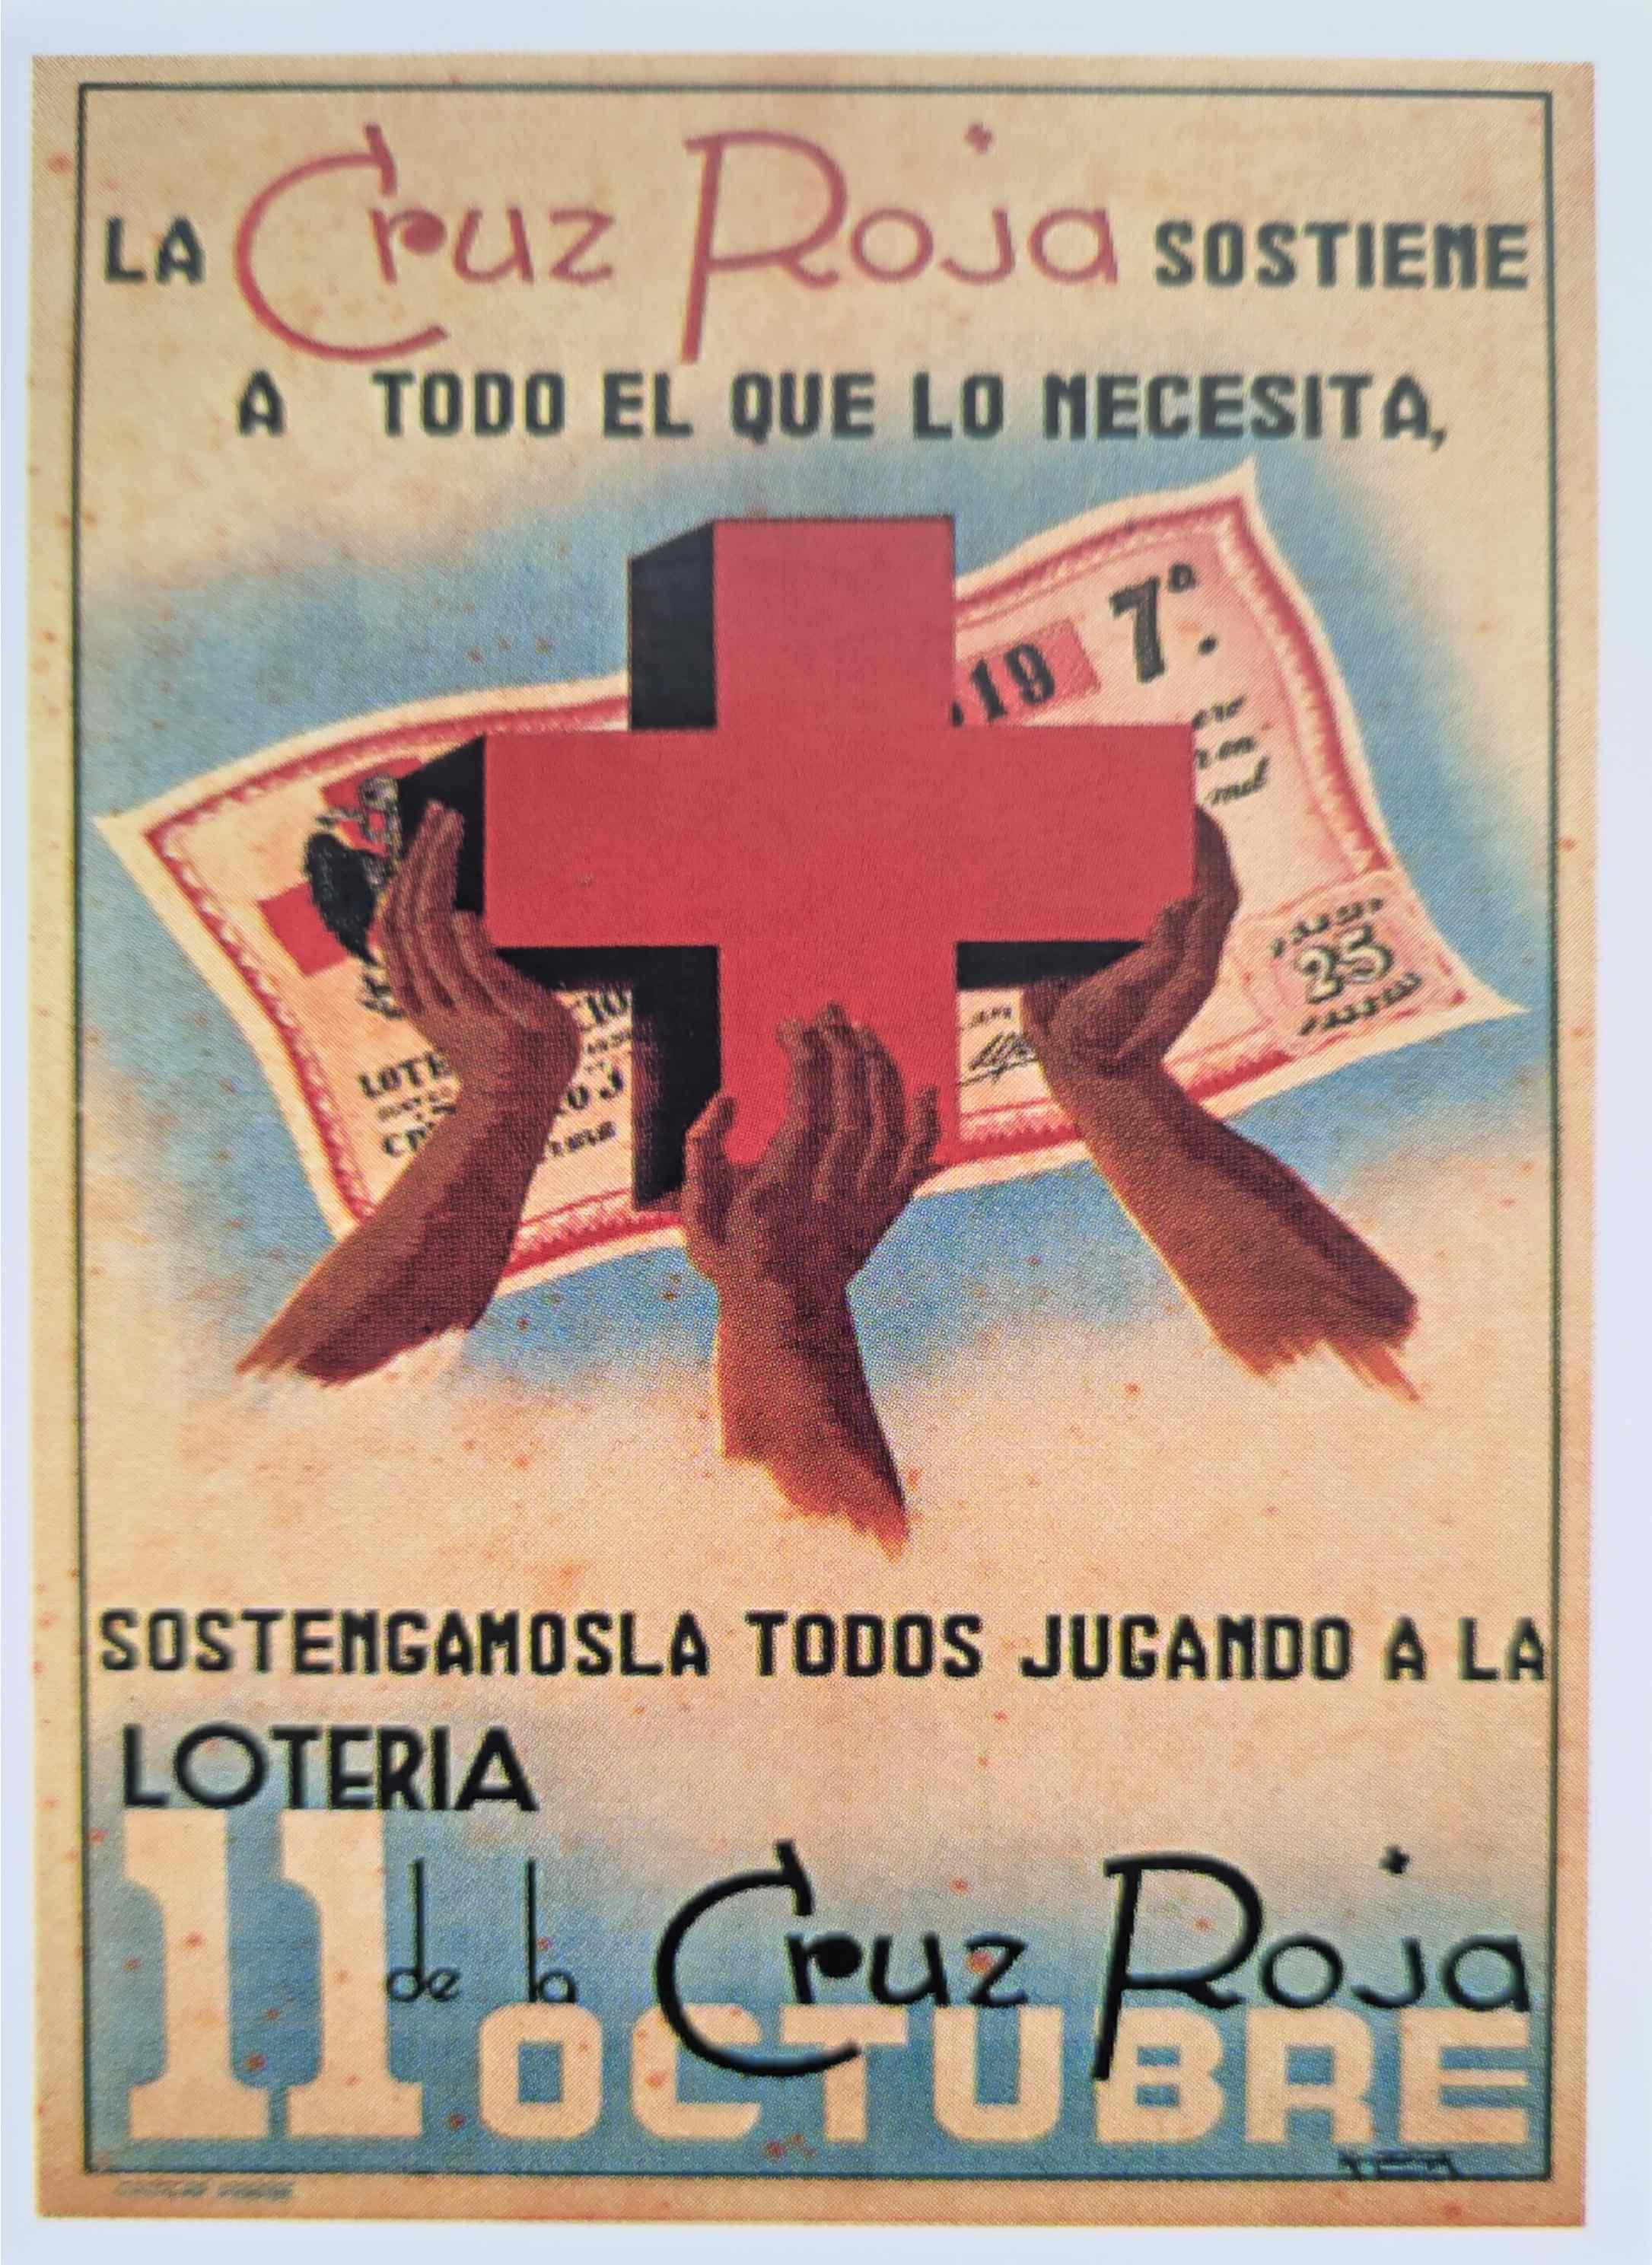 Cartel de Cruz Roja 11 de Octubre